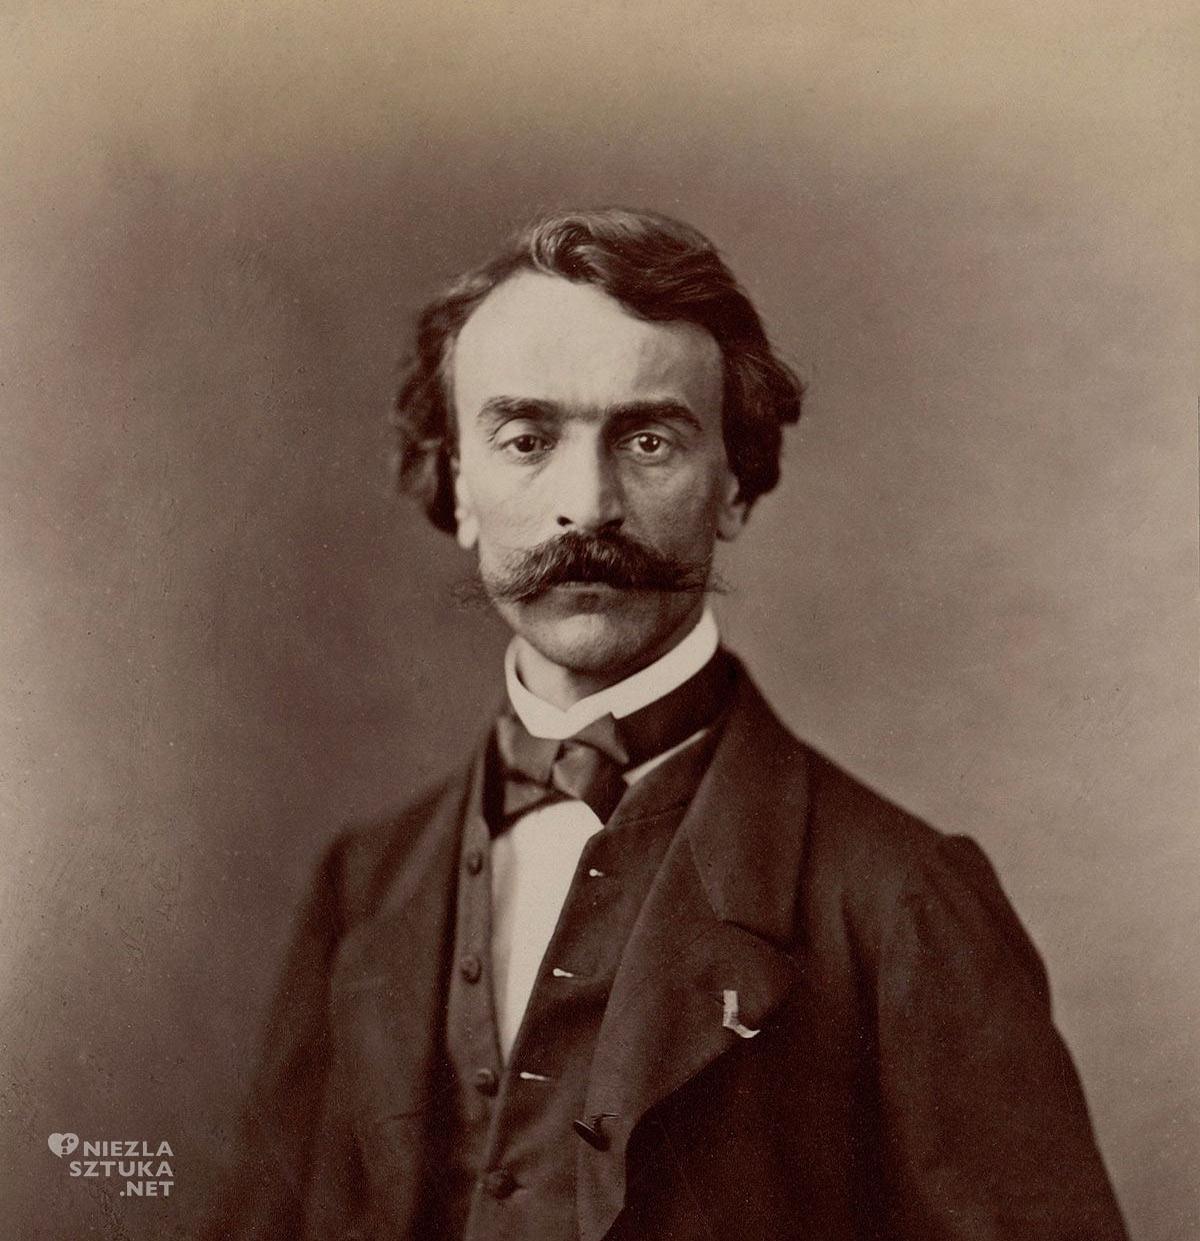 Jean-Léon Gérôme, sztuka francuska, fotografia, Nadar, Niezła Sztuka